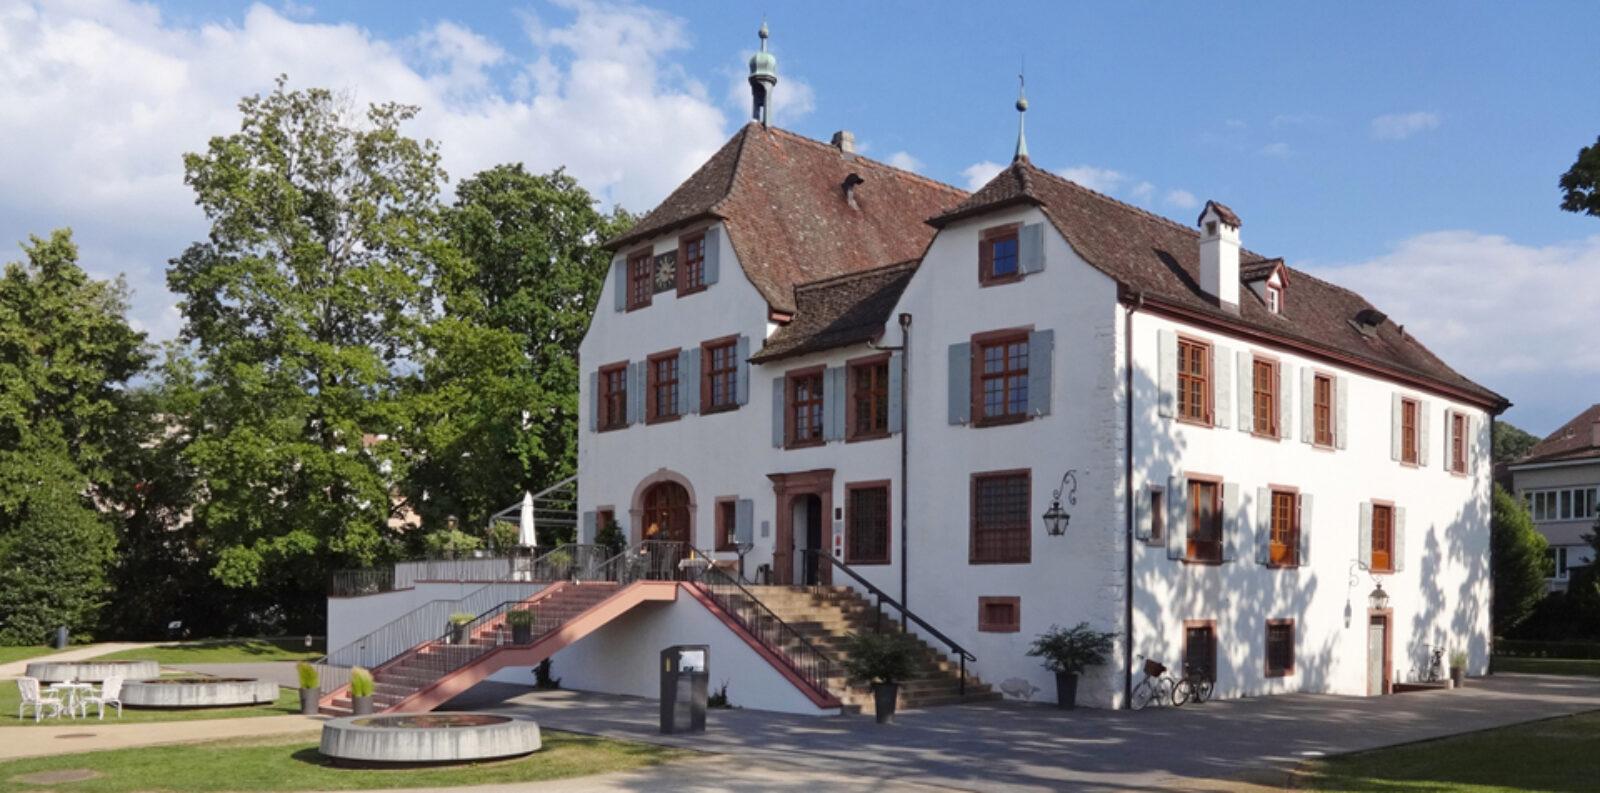 Schloss Binningen2 2015